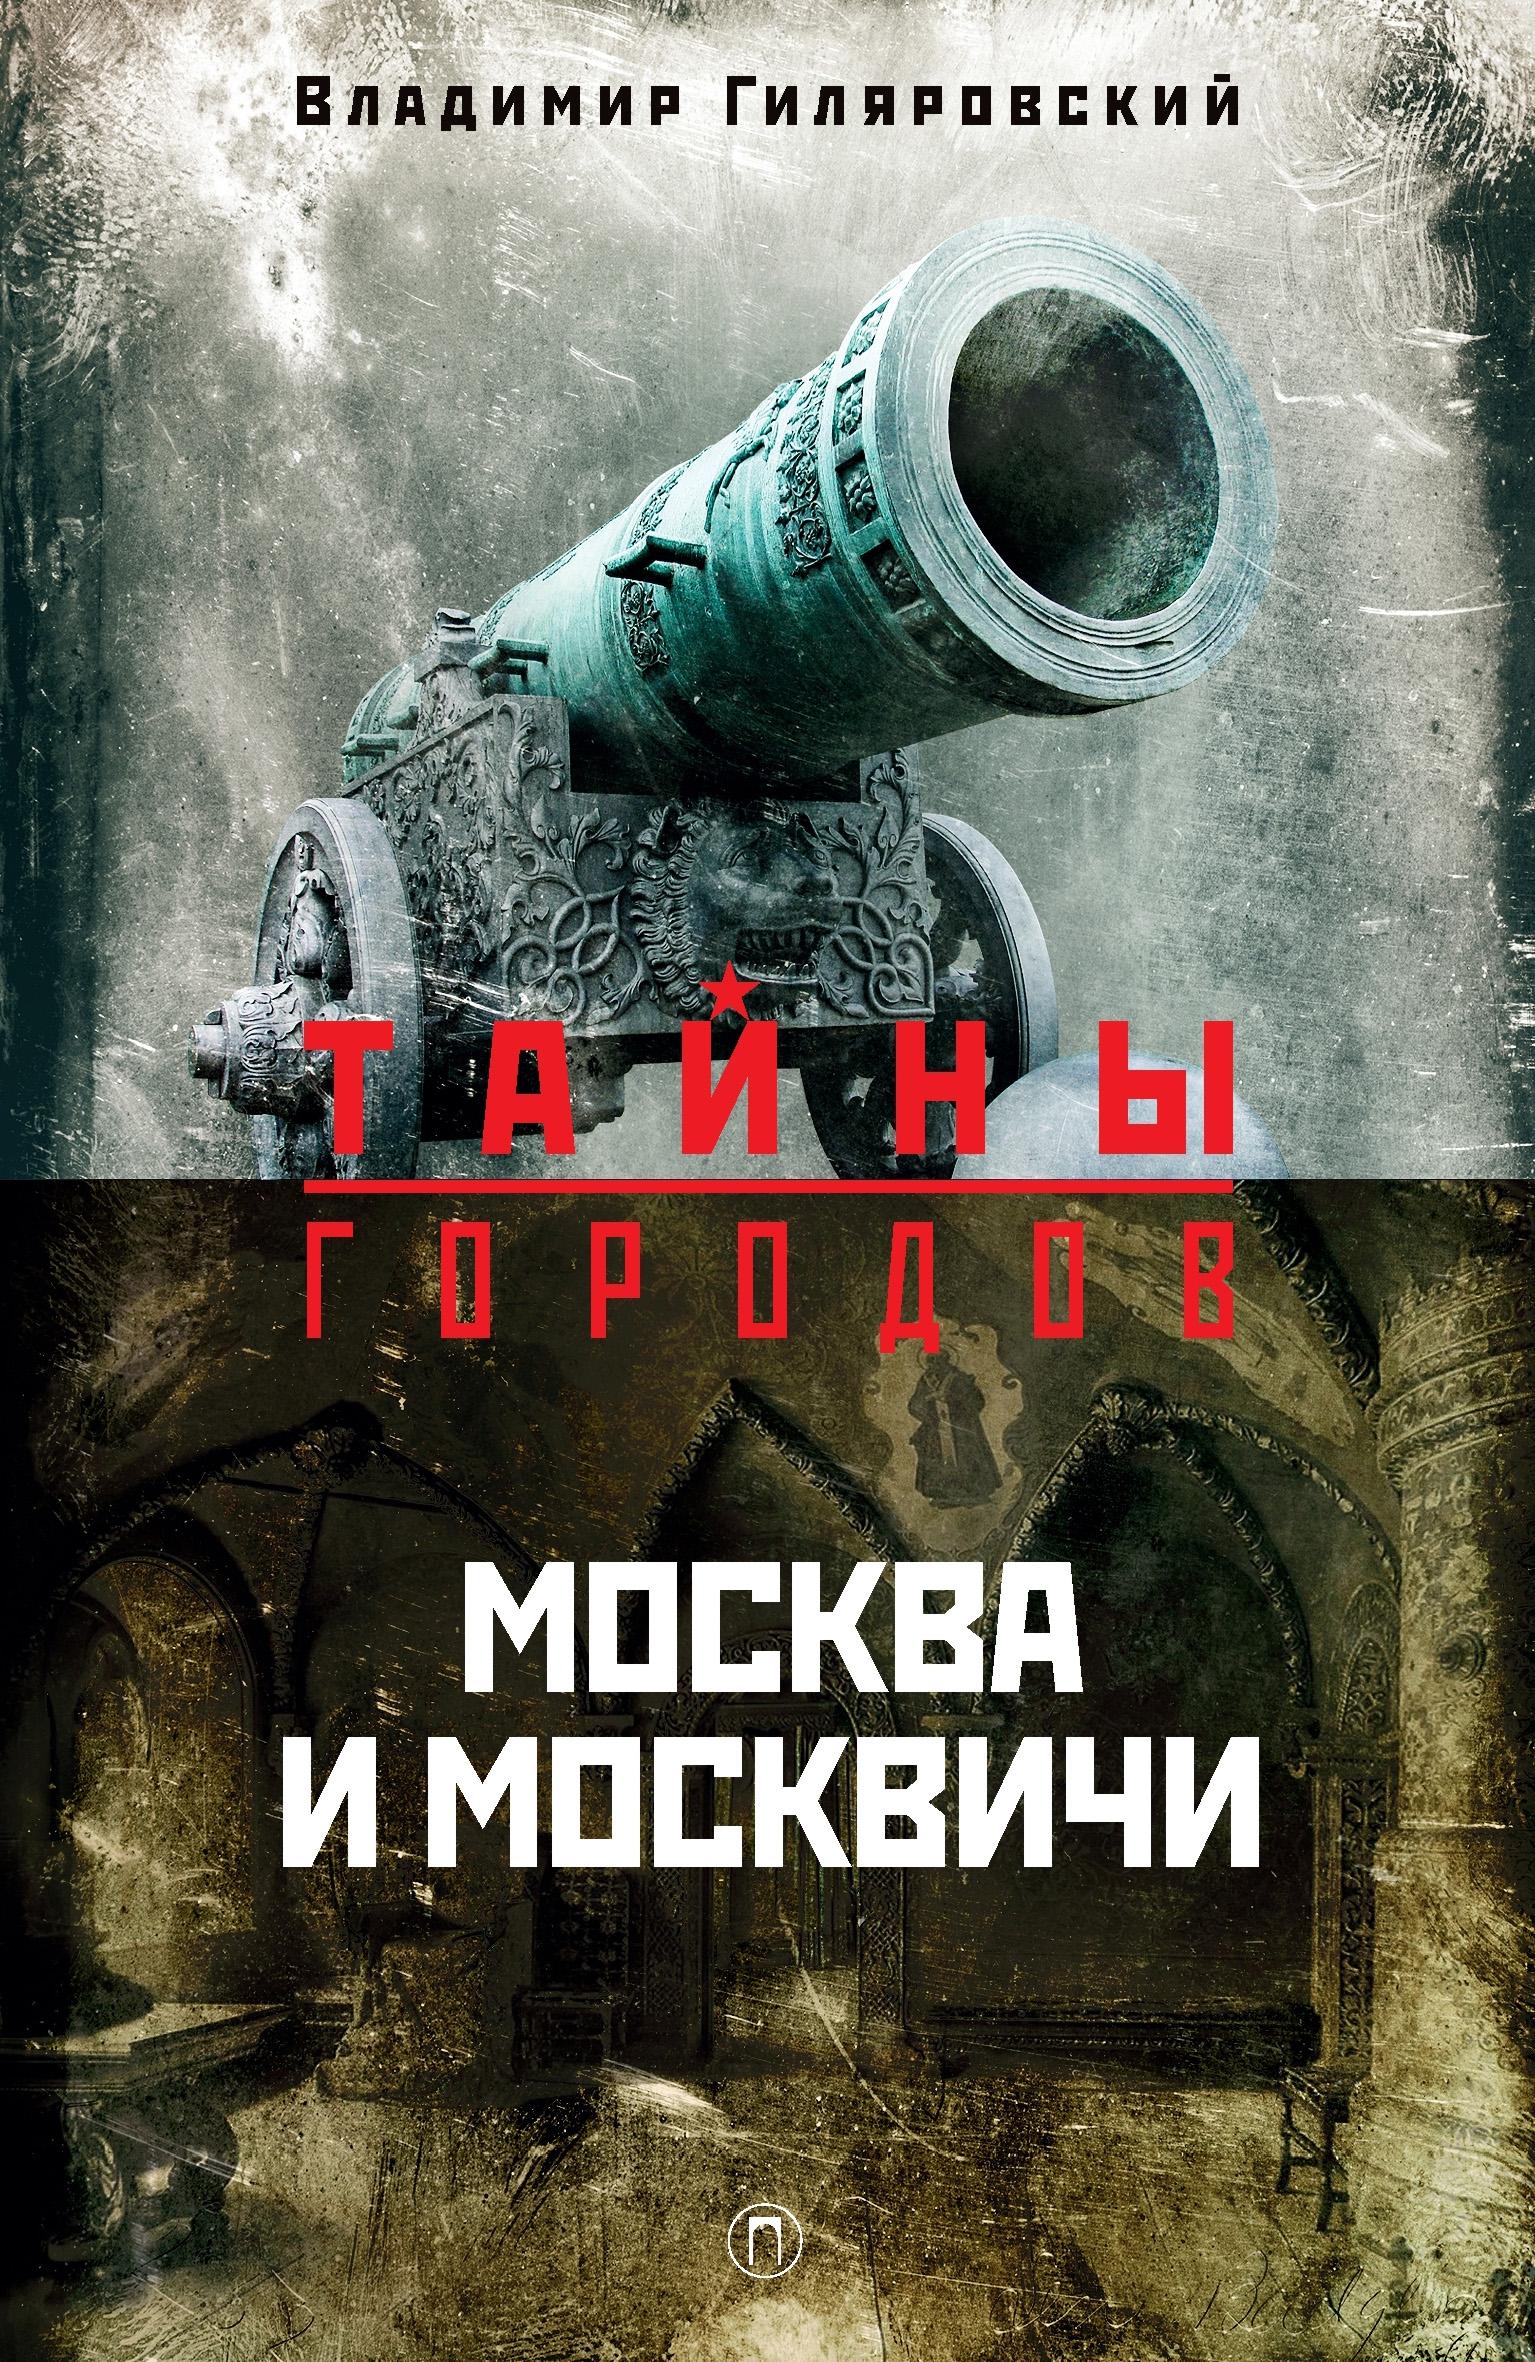 цена на Владимир Гиляровский Москва и москвичи